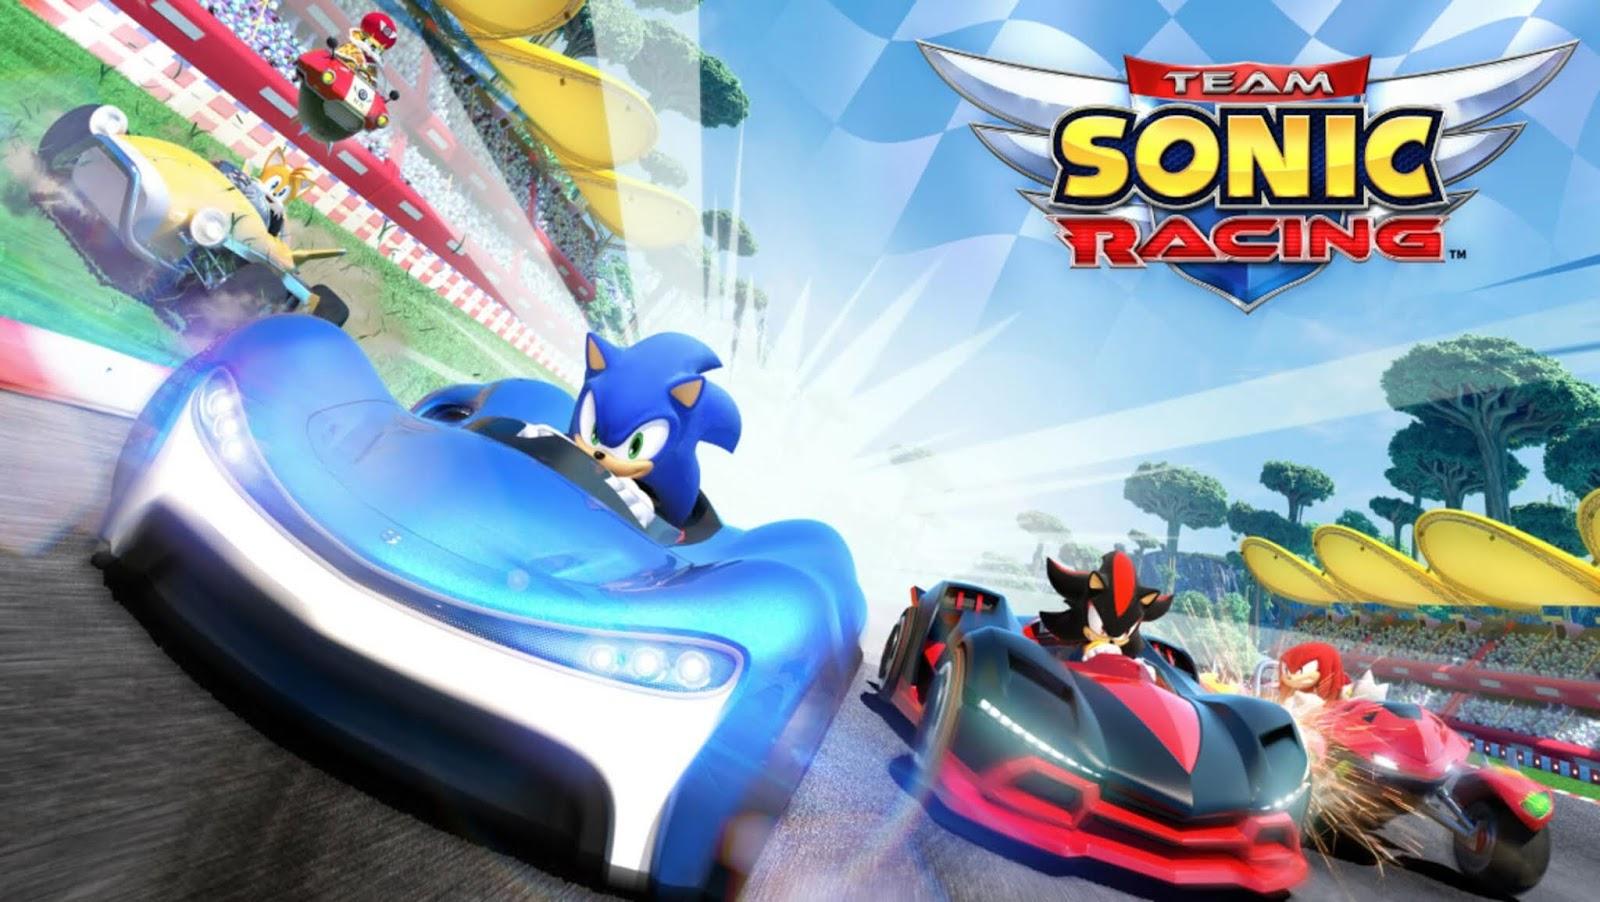 متطلبات تشغيل لعبة Team Sonic Racing للكمبيوتر